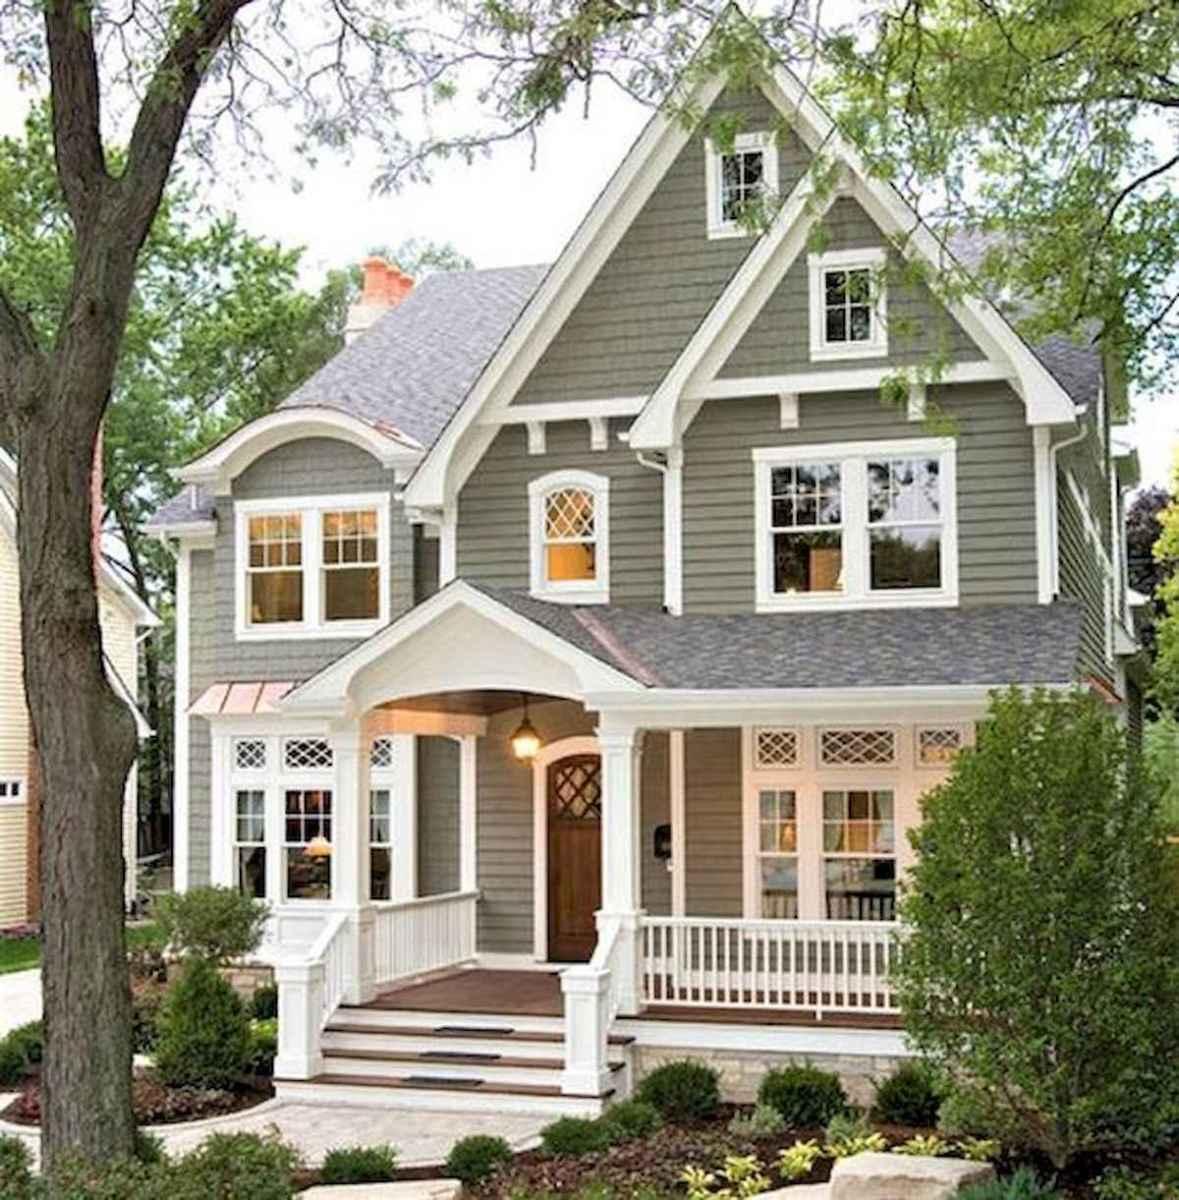 40 Stunning White Farmhouse Exterior Design Ideas (7)